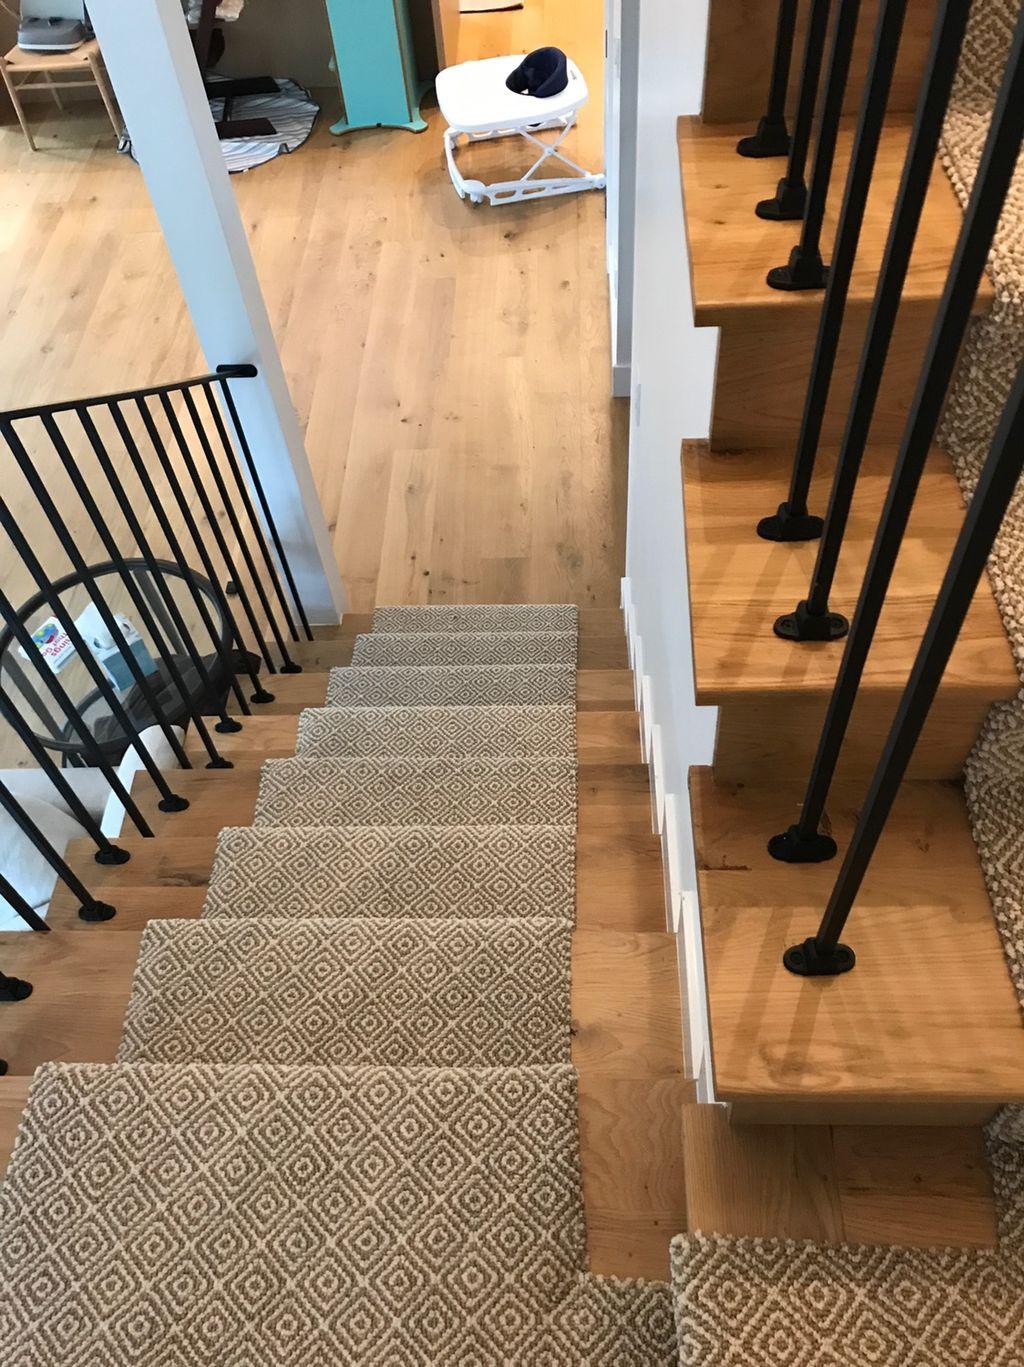 Carpet Installation - Mill Valley 2019